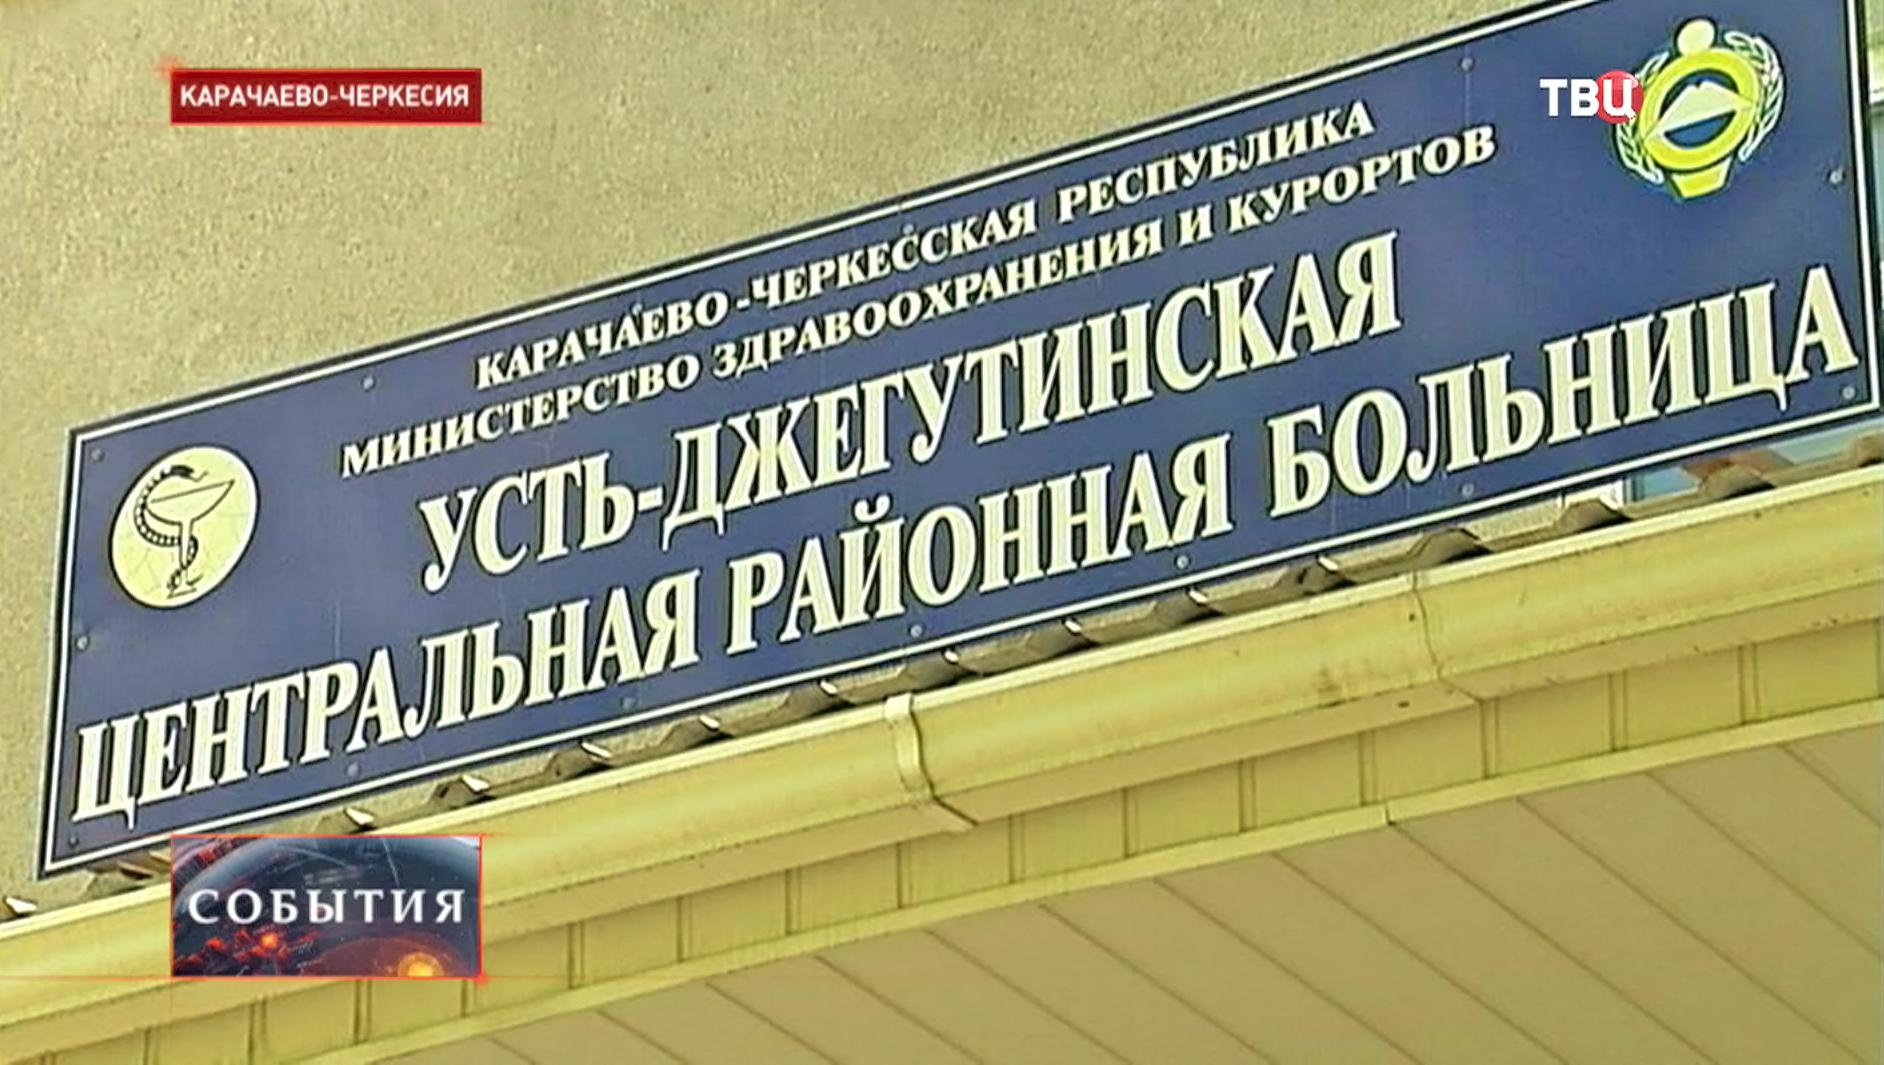 Усть-Джегутинская центральная районная больница